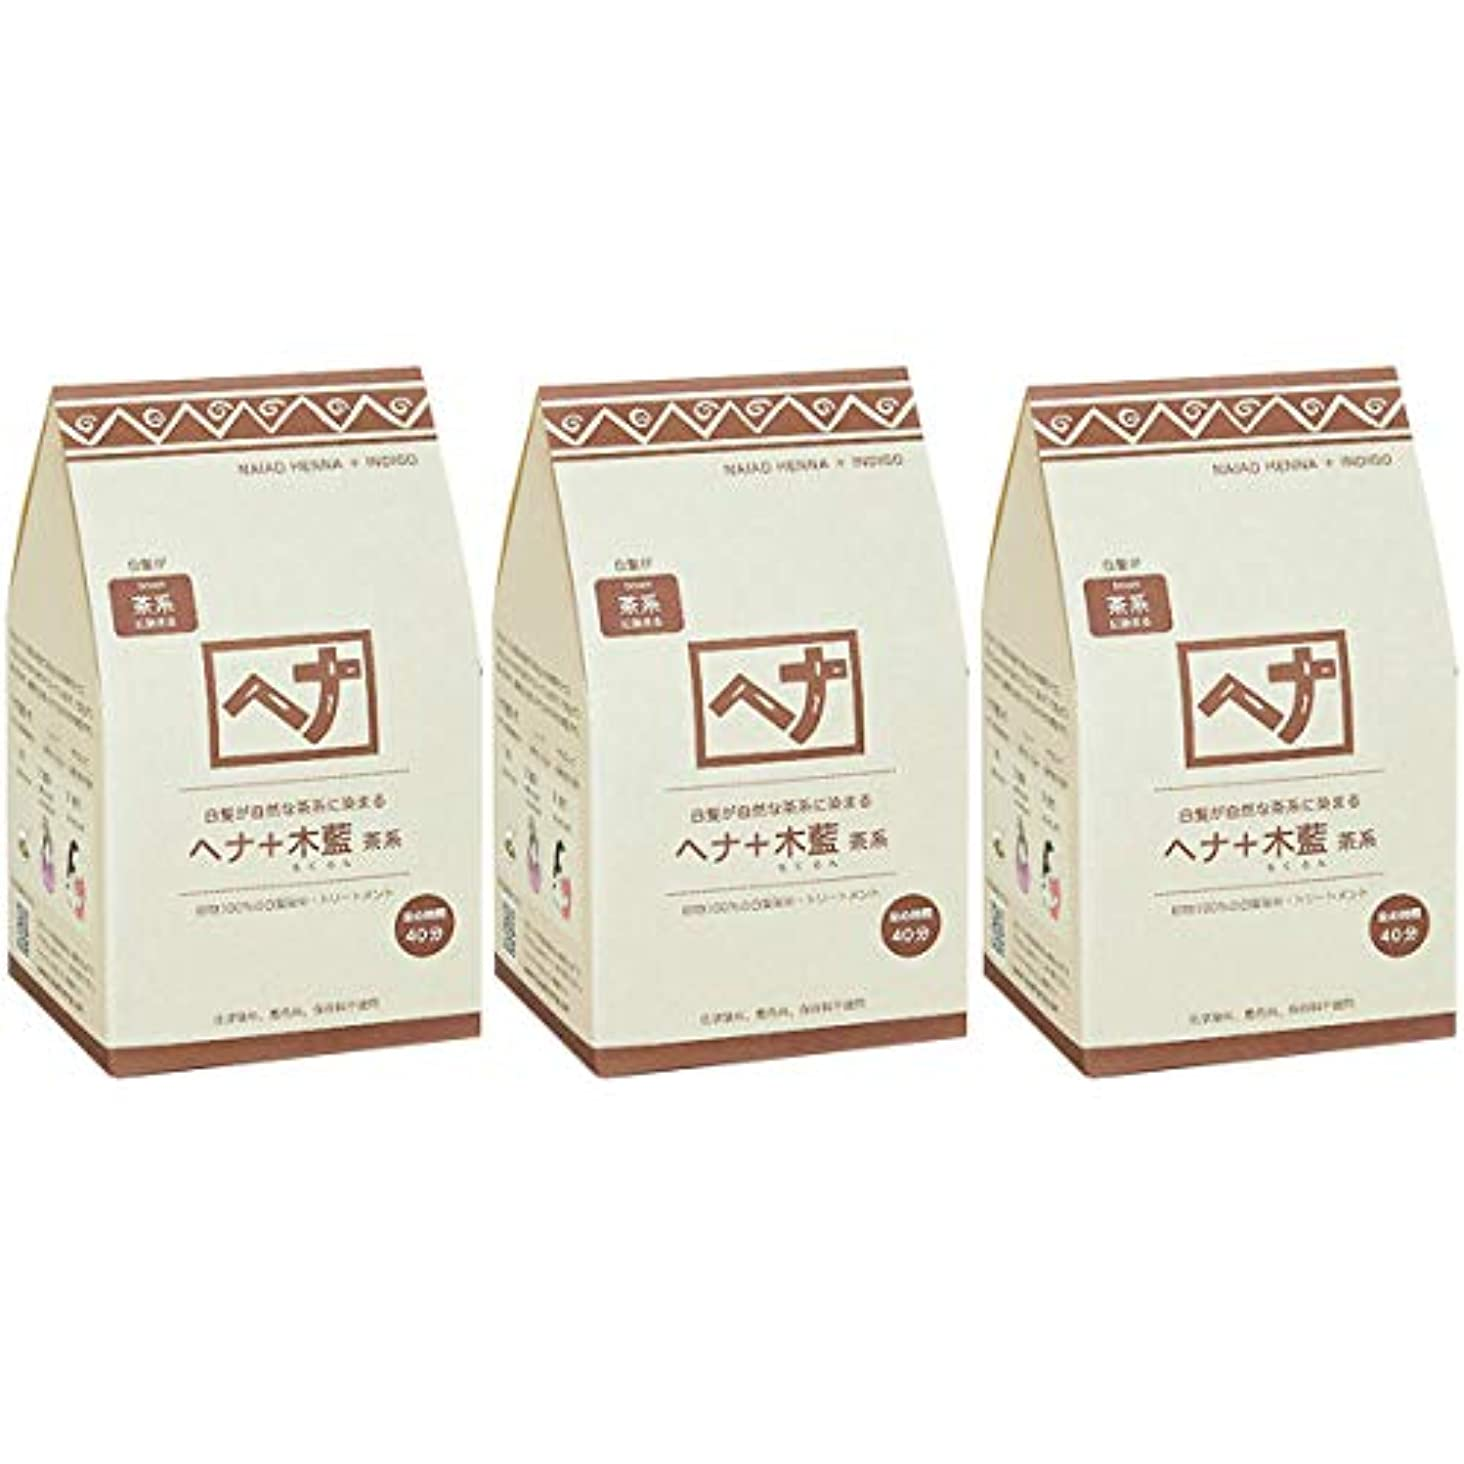 タイピストランデブー拘束するナイアード ヘナ + 木藍 茶系 白髪が自然な茶系に染まる 400g 3個セット